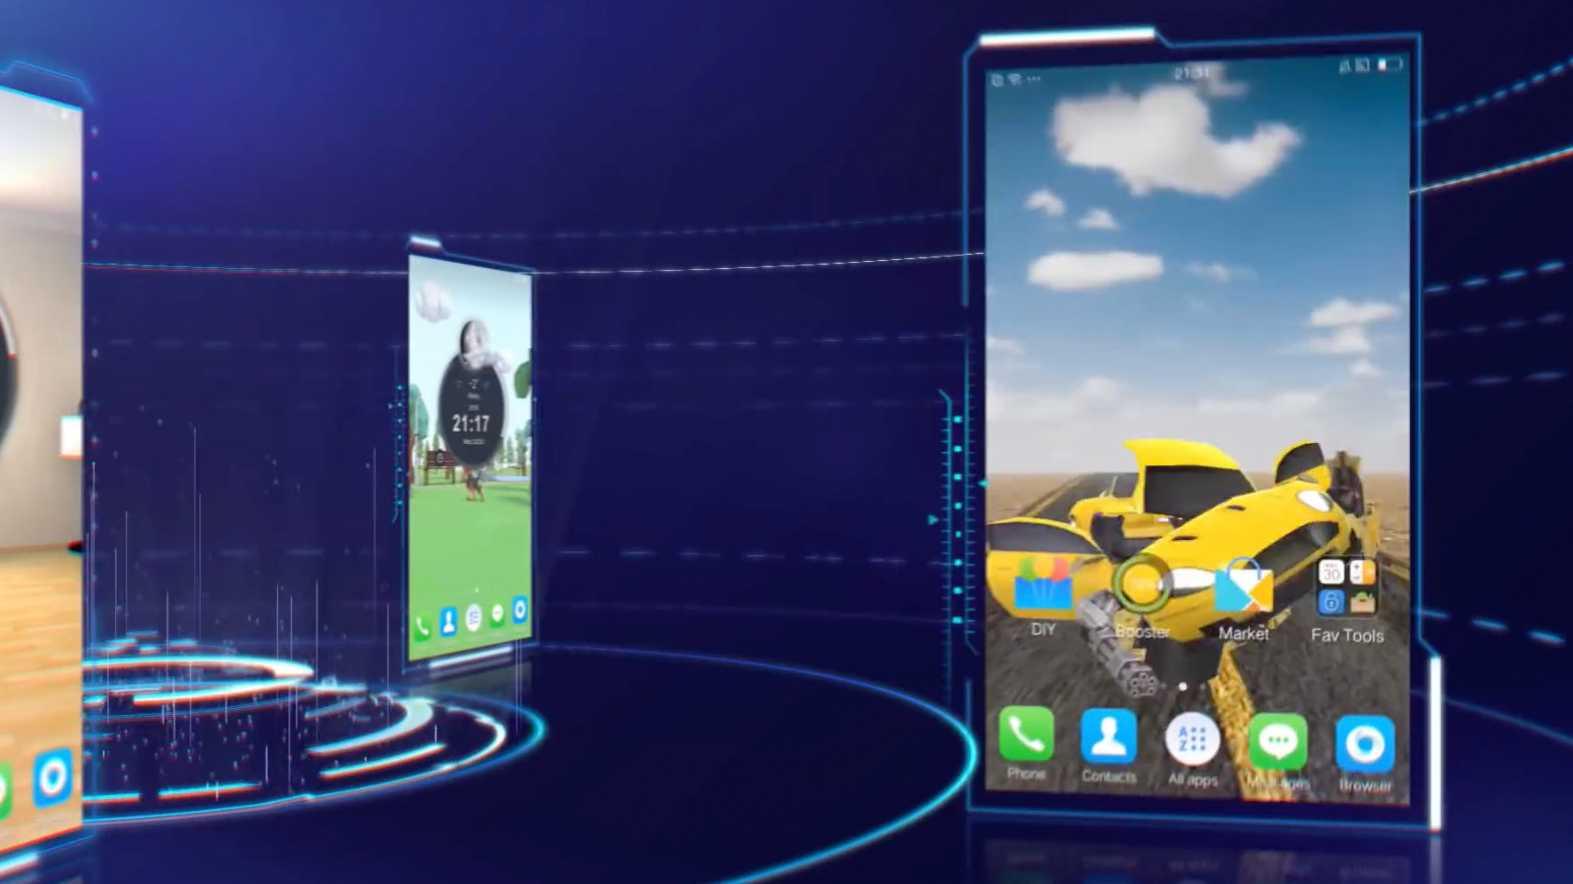 Werbebetrug per Android-App: Cheetah Mobile und Kika Tech bestreiten Vorwürfe